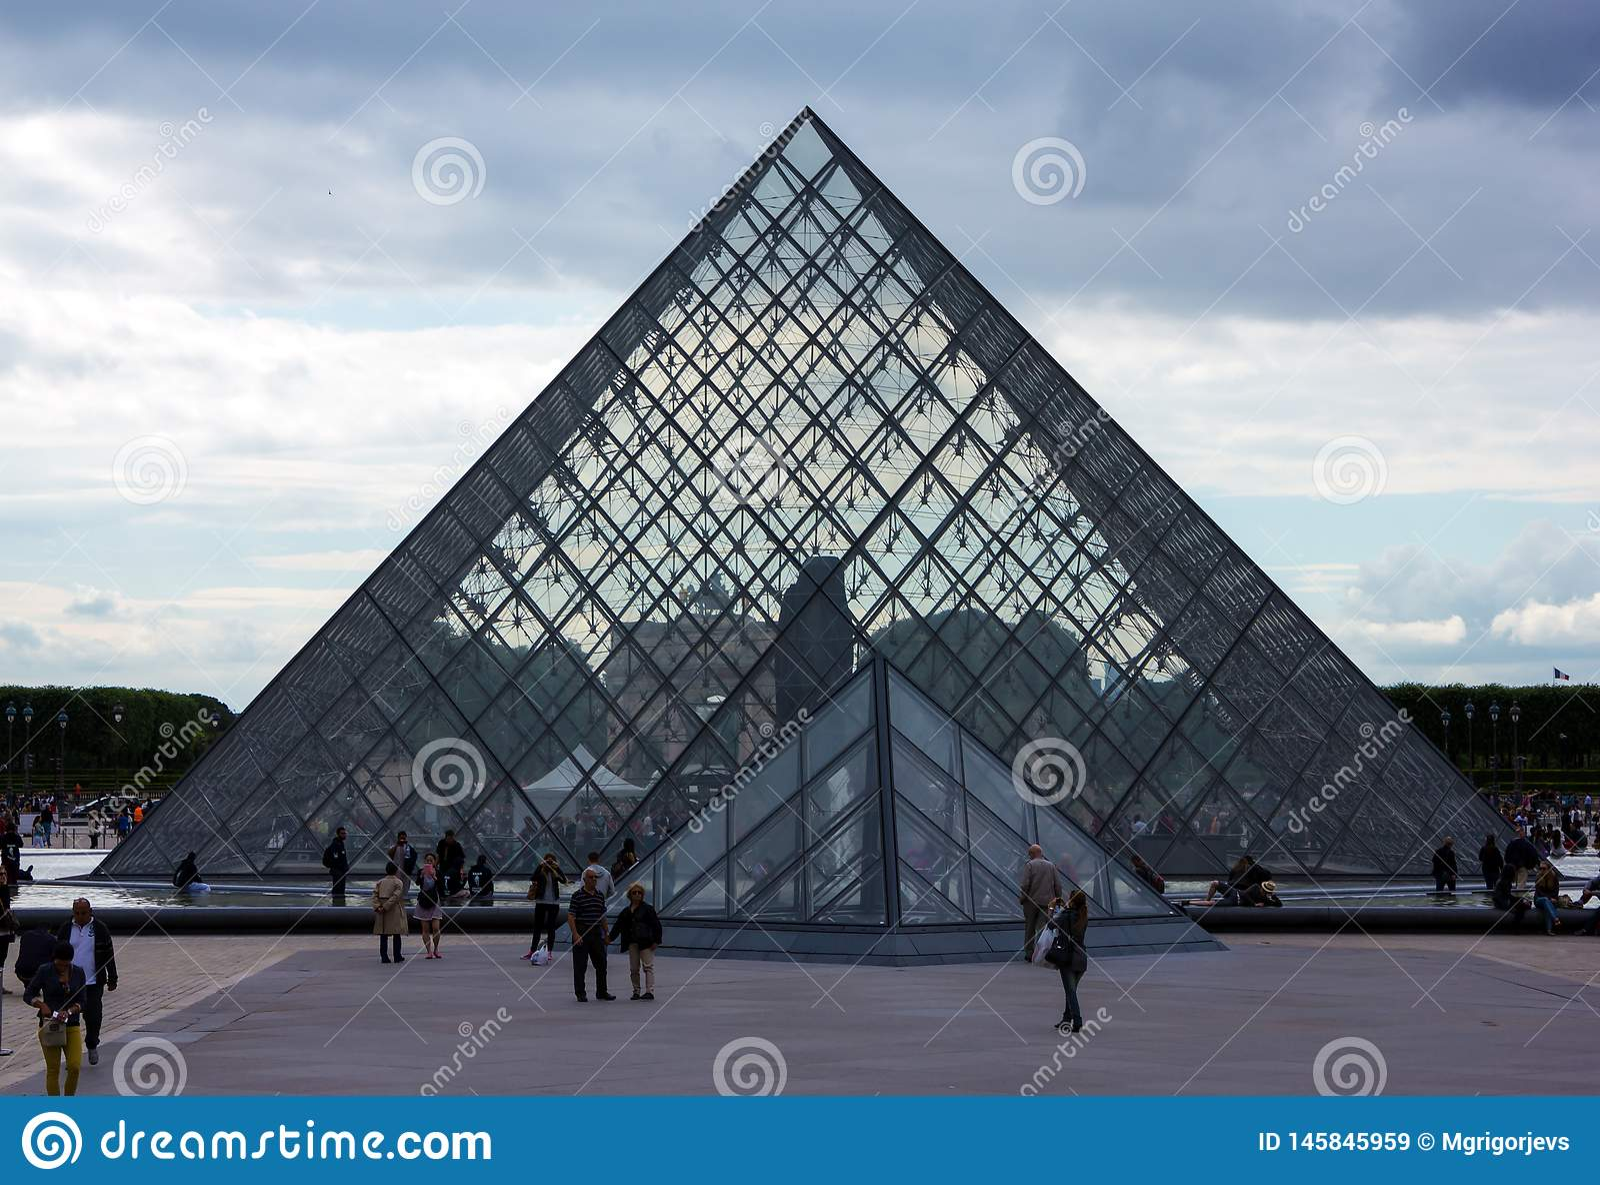 El museo de la pirámide del Louvre en París, Francia, el 25 de junio de 2013